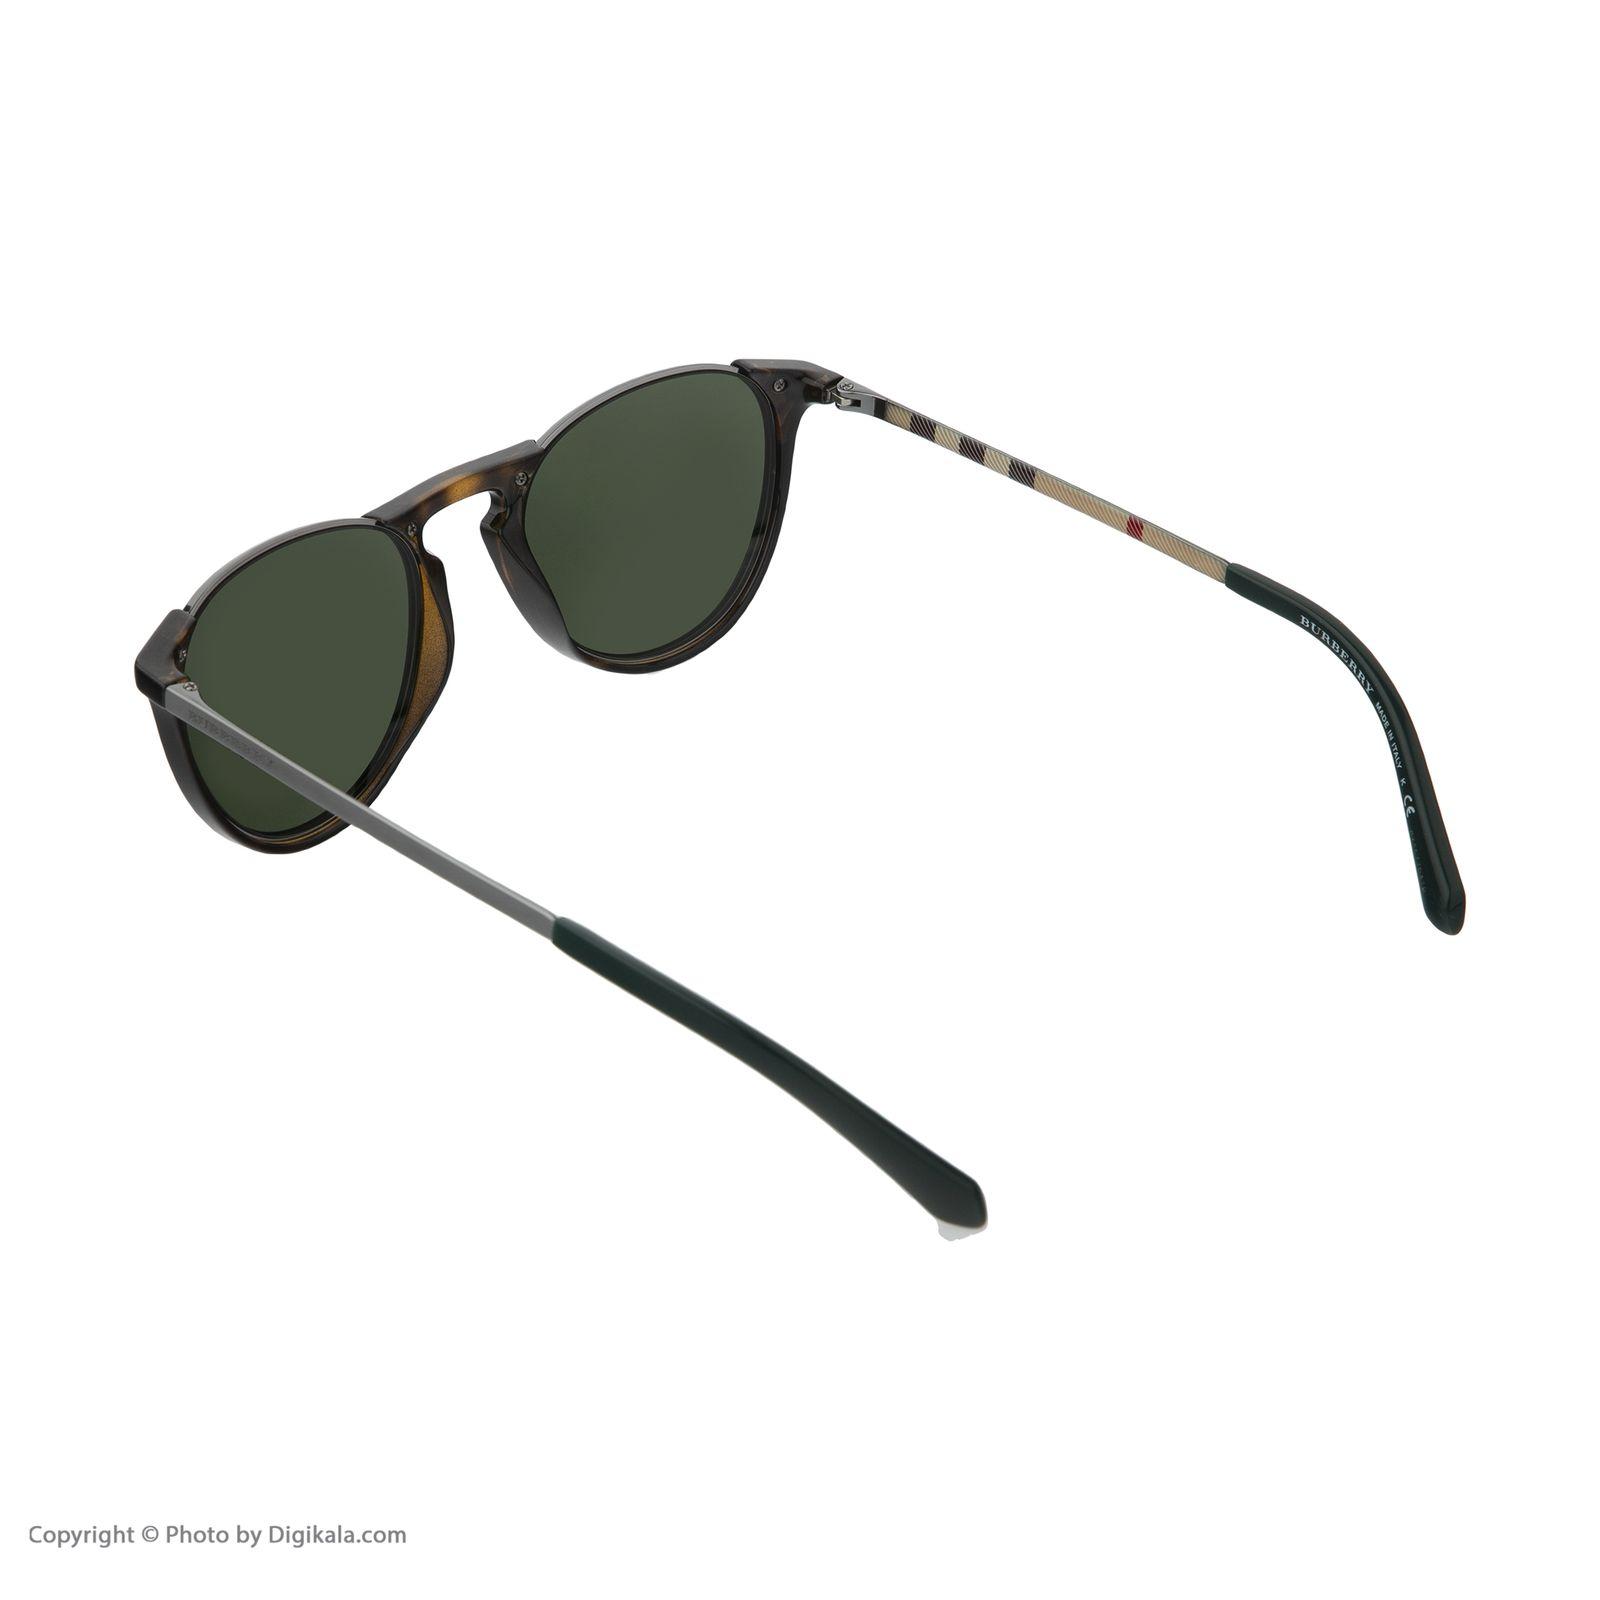 عینک آفتابی زنانه بربری مدل BE 4273S 300271 52 -  - 4